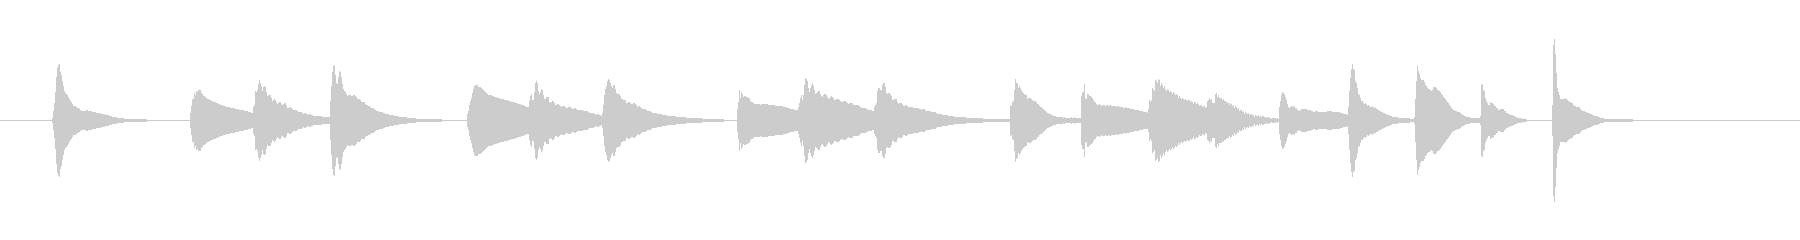 可愛いマリンバシリーズ17の未再生の波形